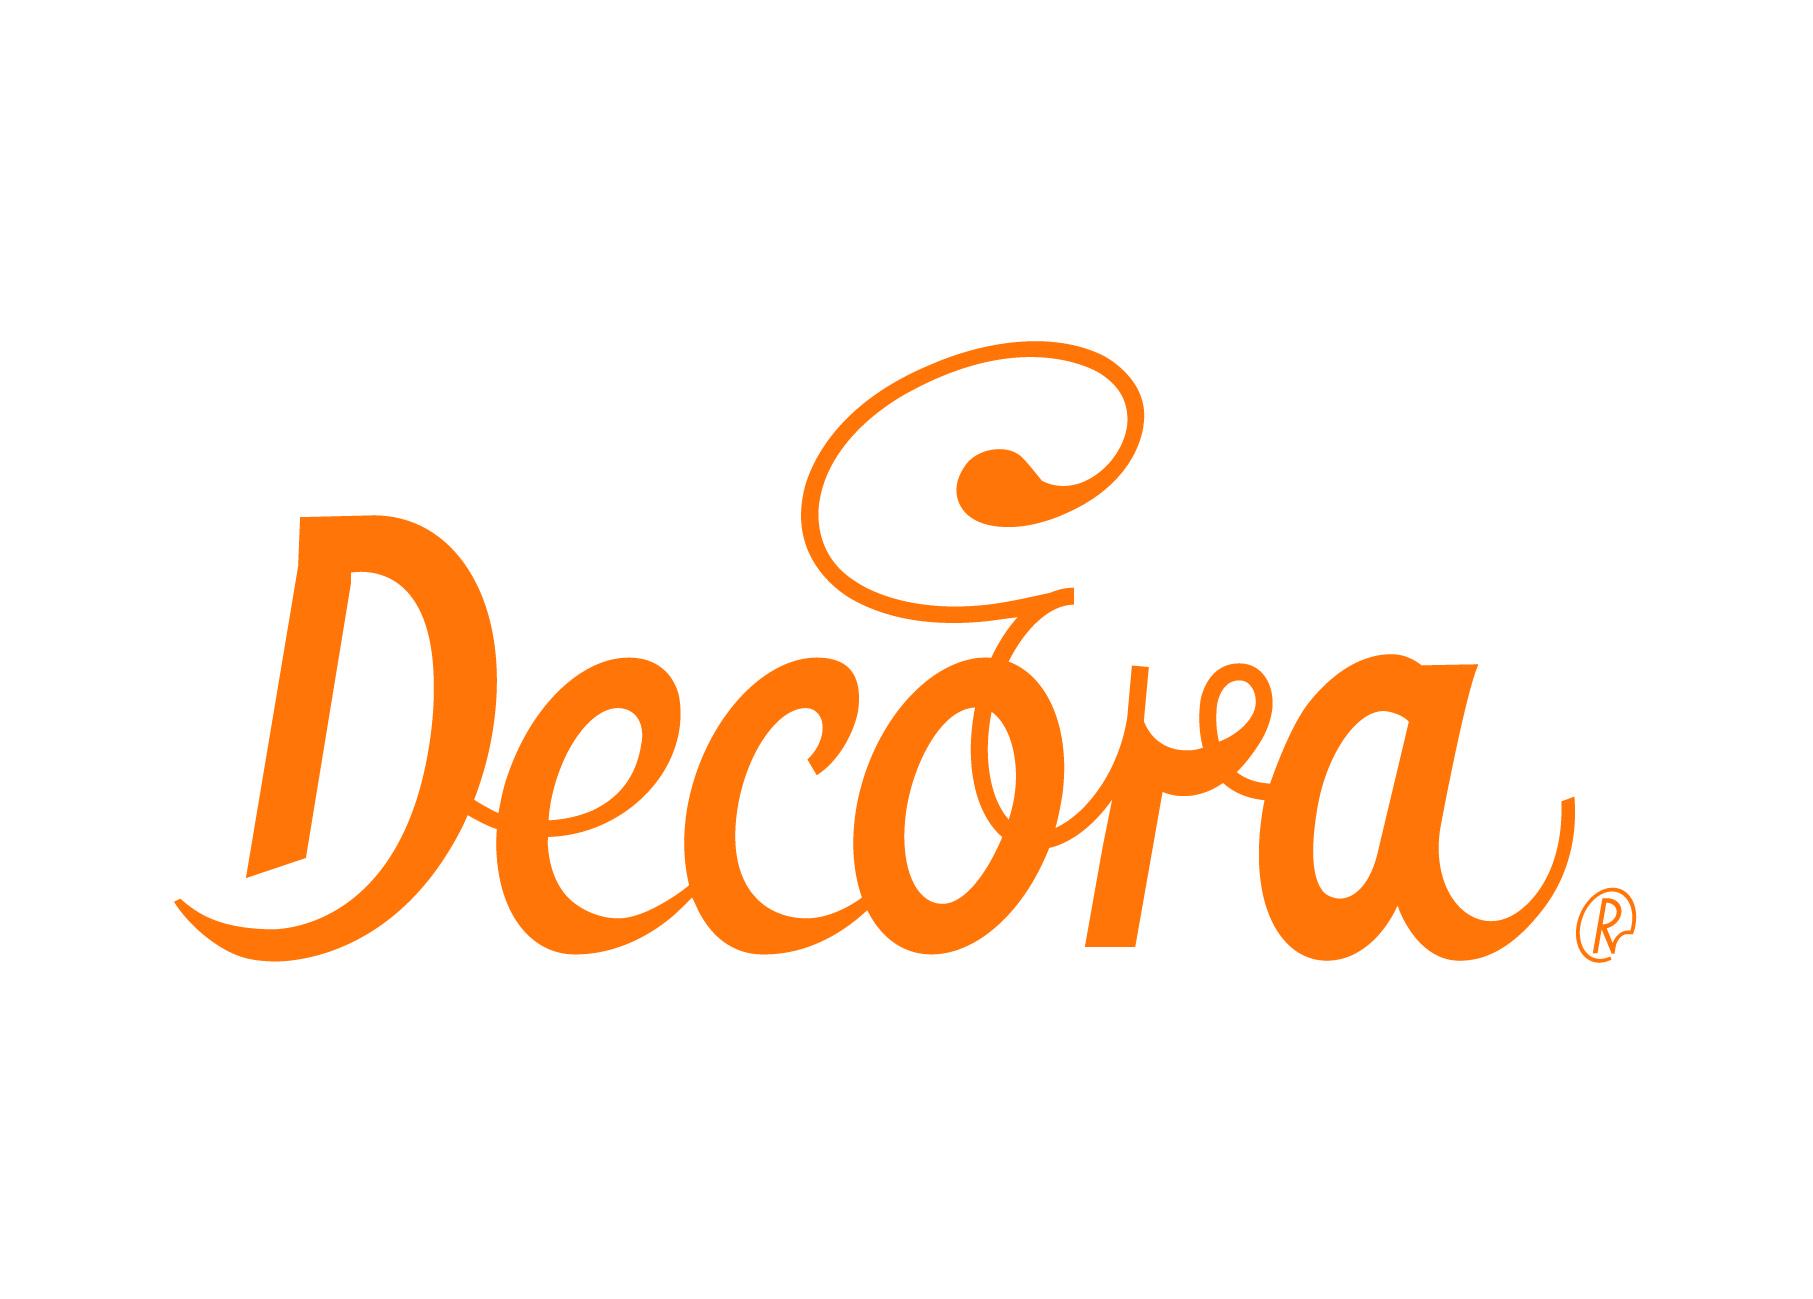 decora new